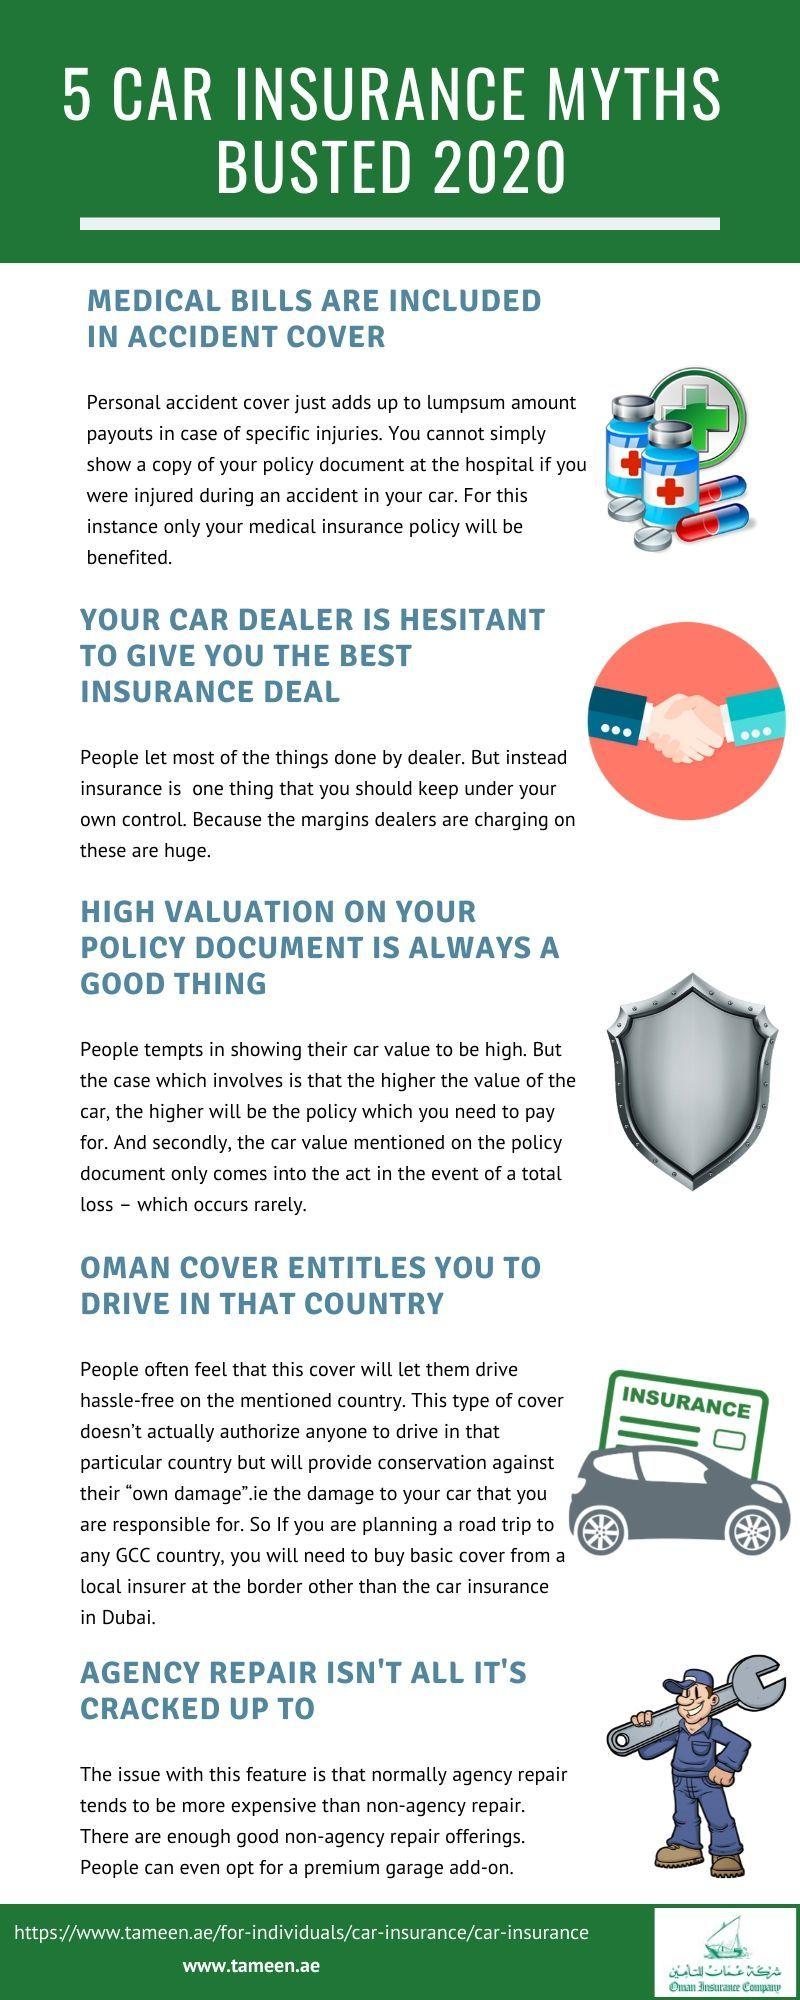 5 Car Insurance Myths Busted 2020 Car insurance, Health